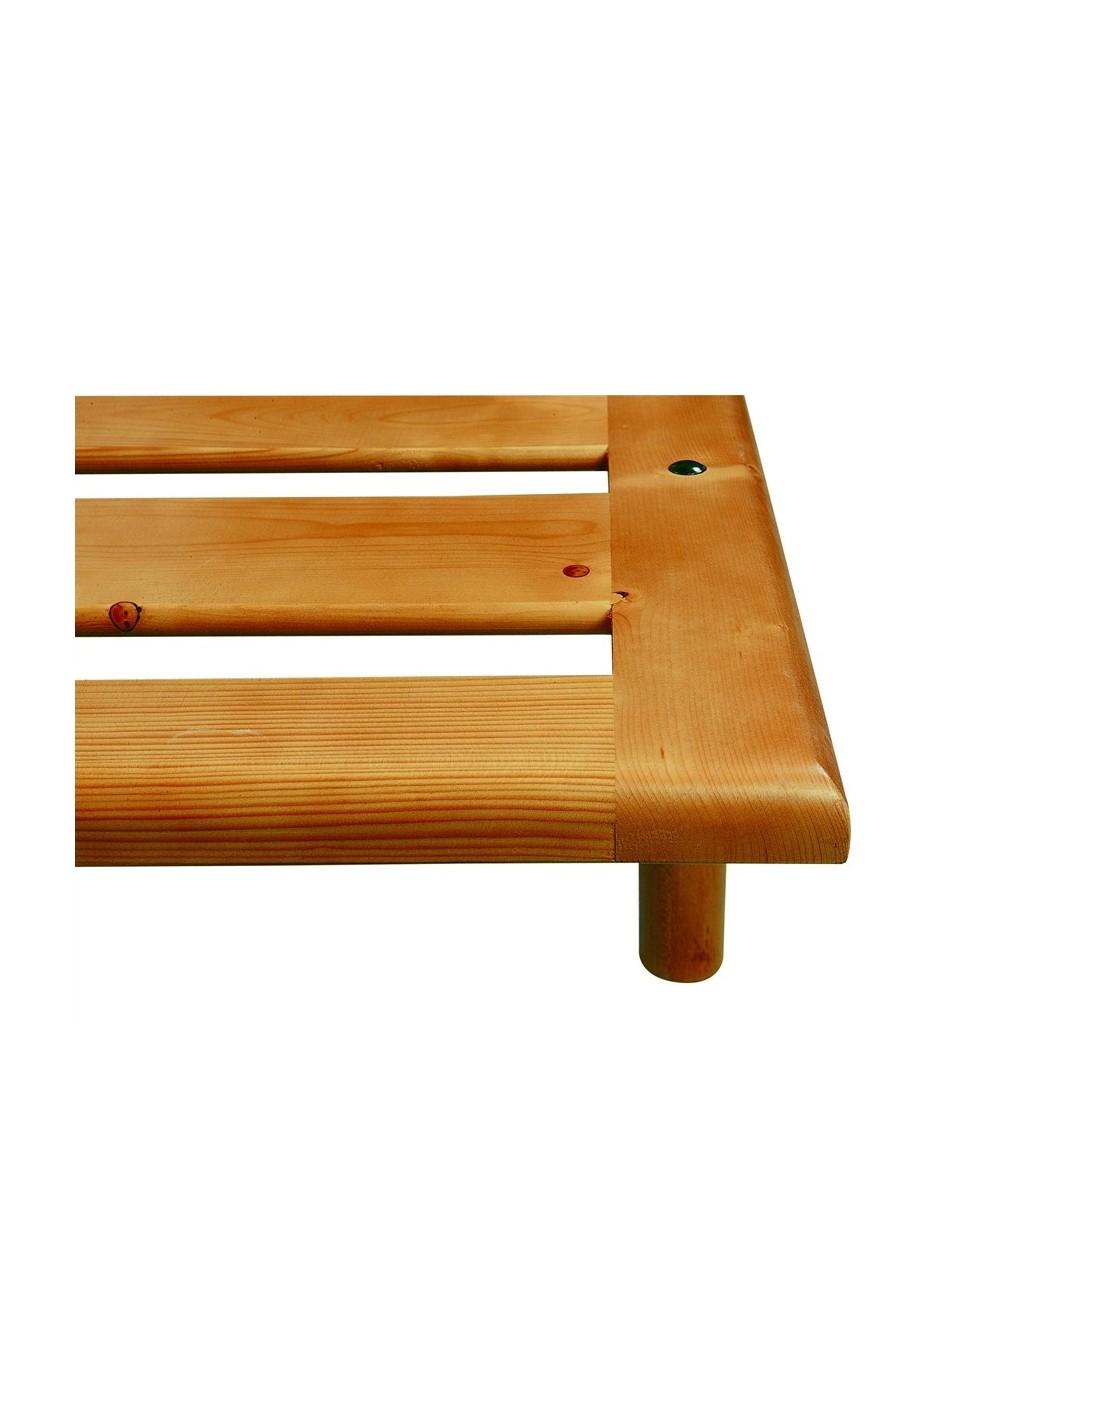 Rete in legno massello matrimoniale a doghe strette o